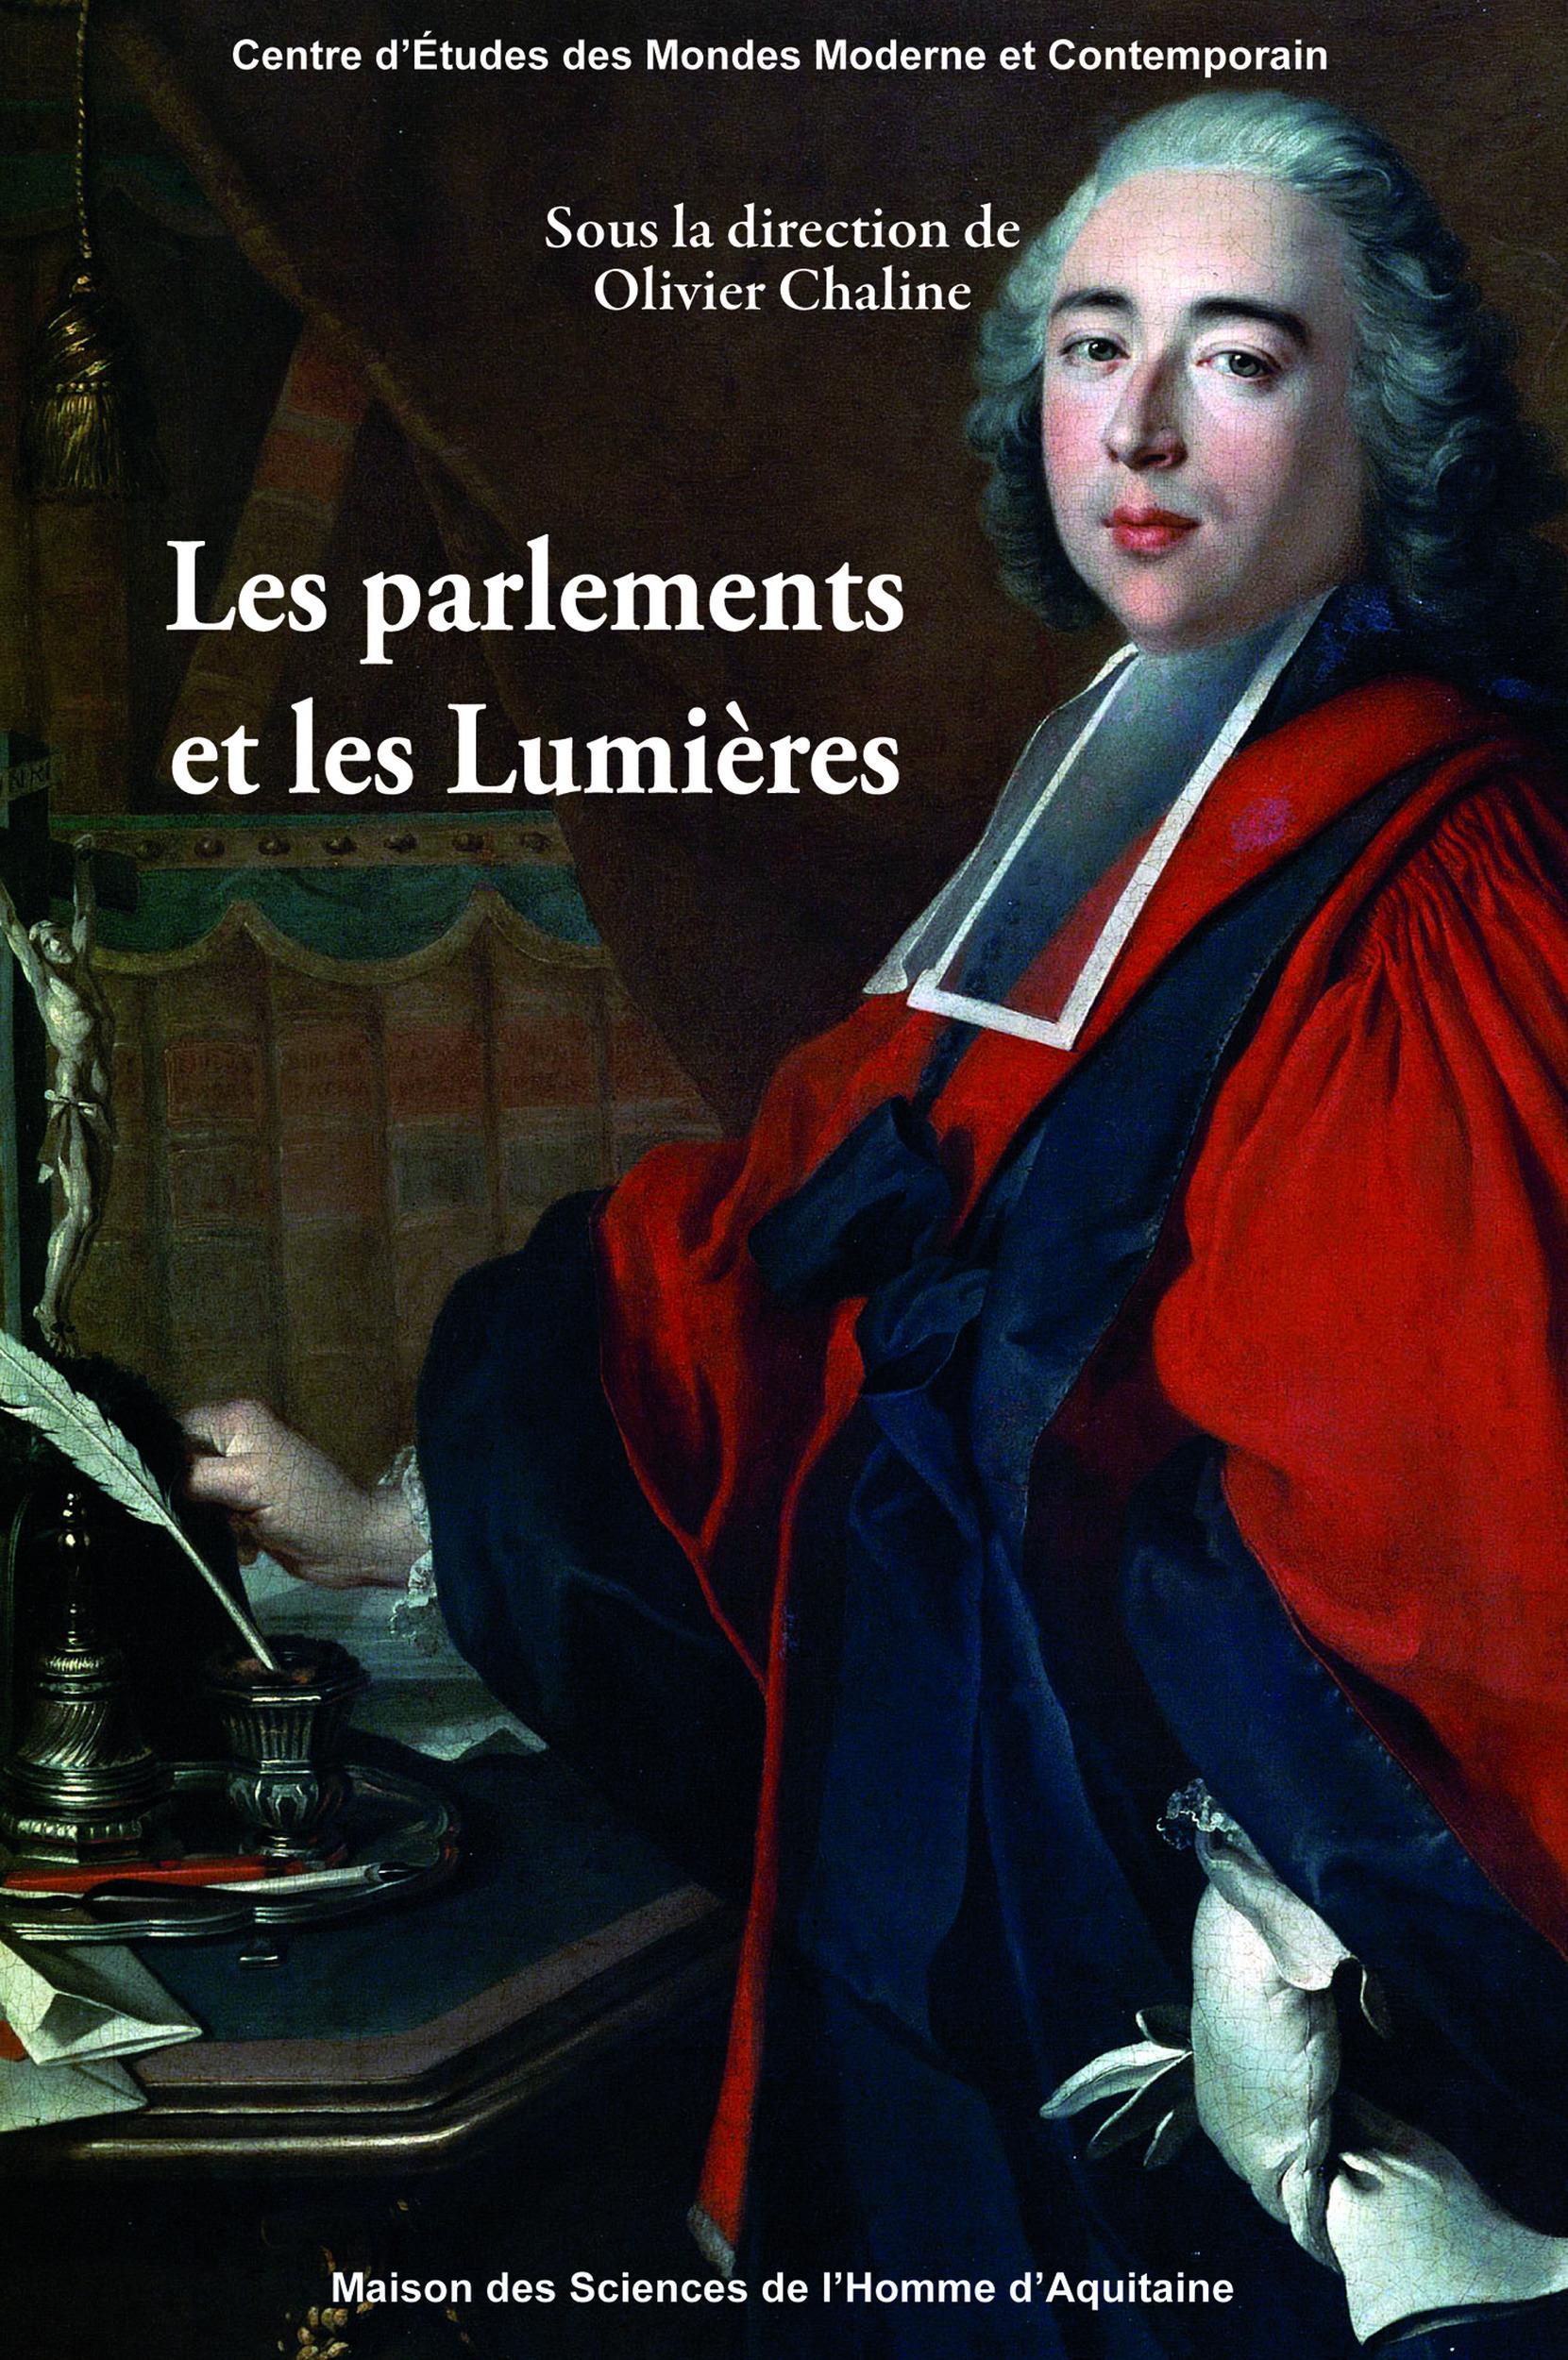 Les parlements et les lumieres